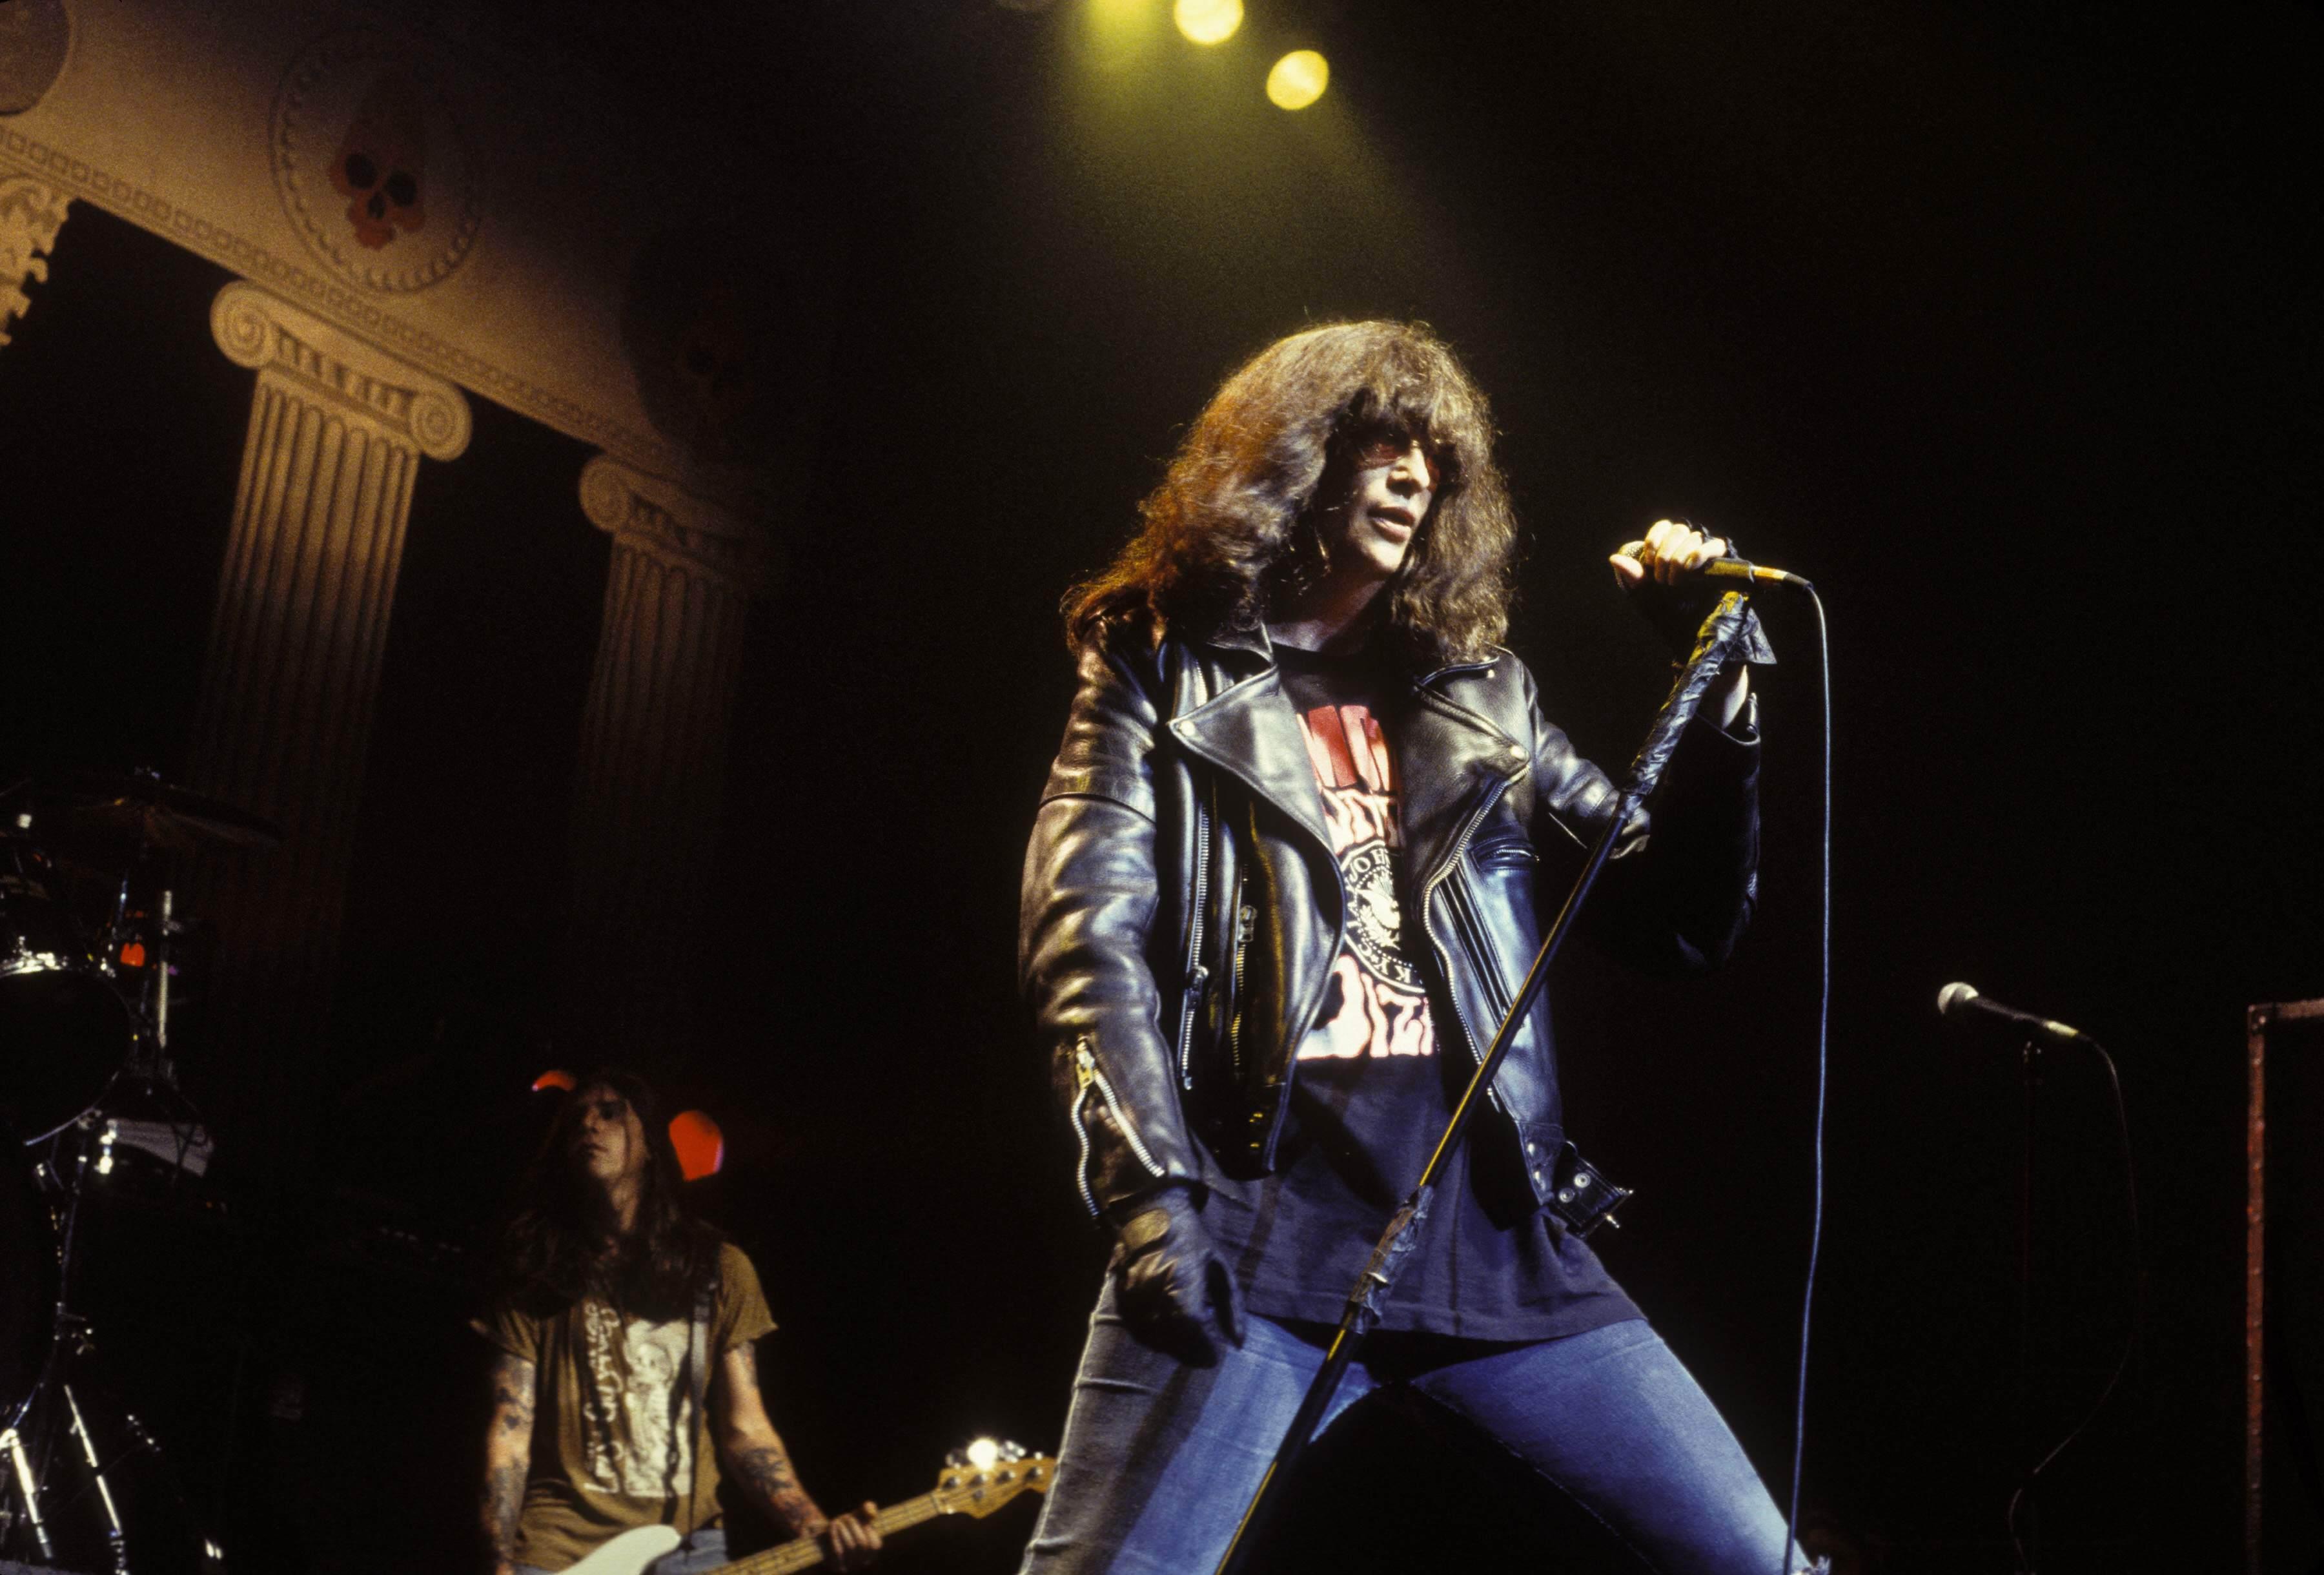 Anécdotas imprecisas del rock: Ramones en Argentina - Radio Cantilo